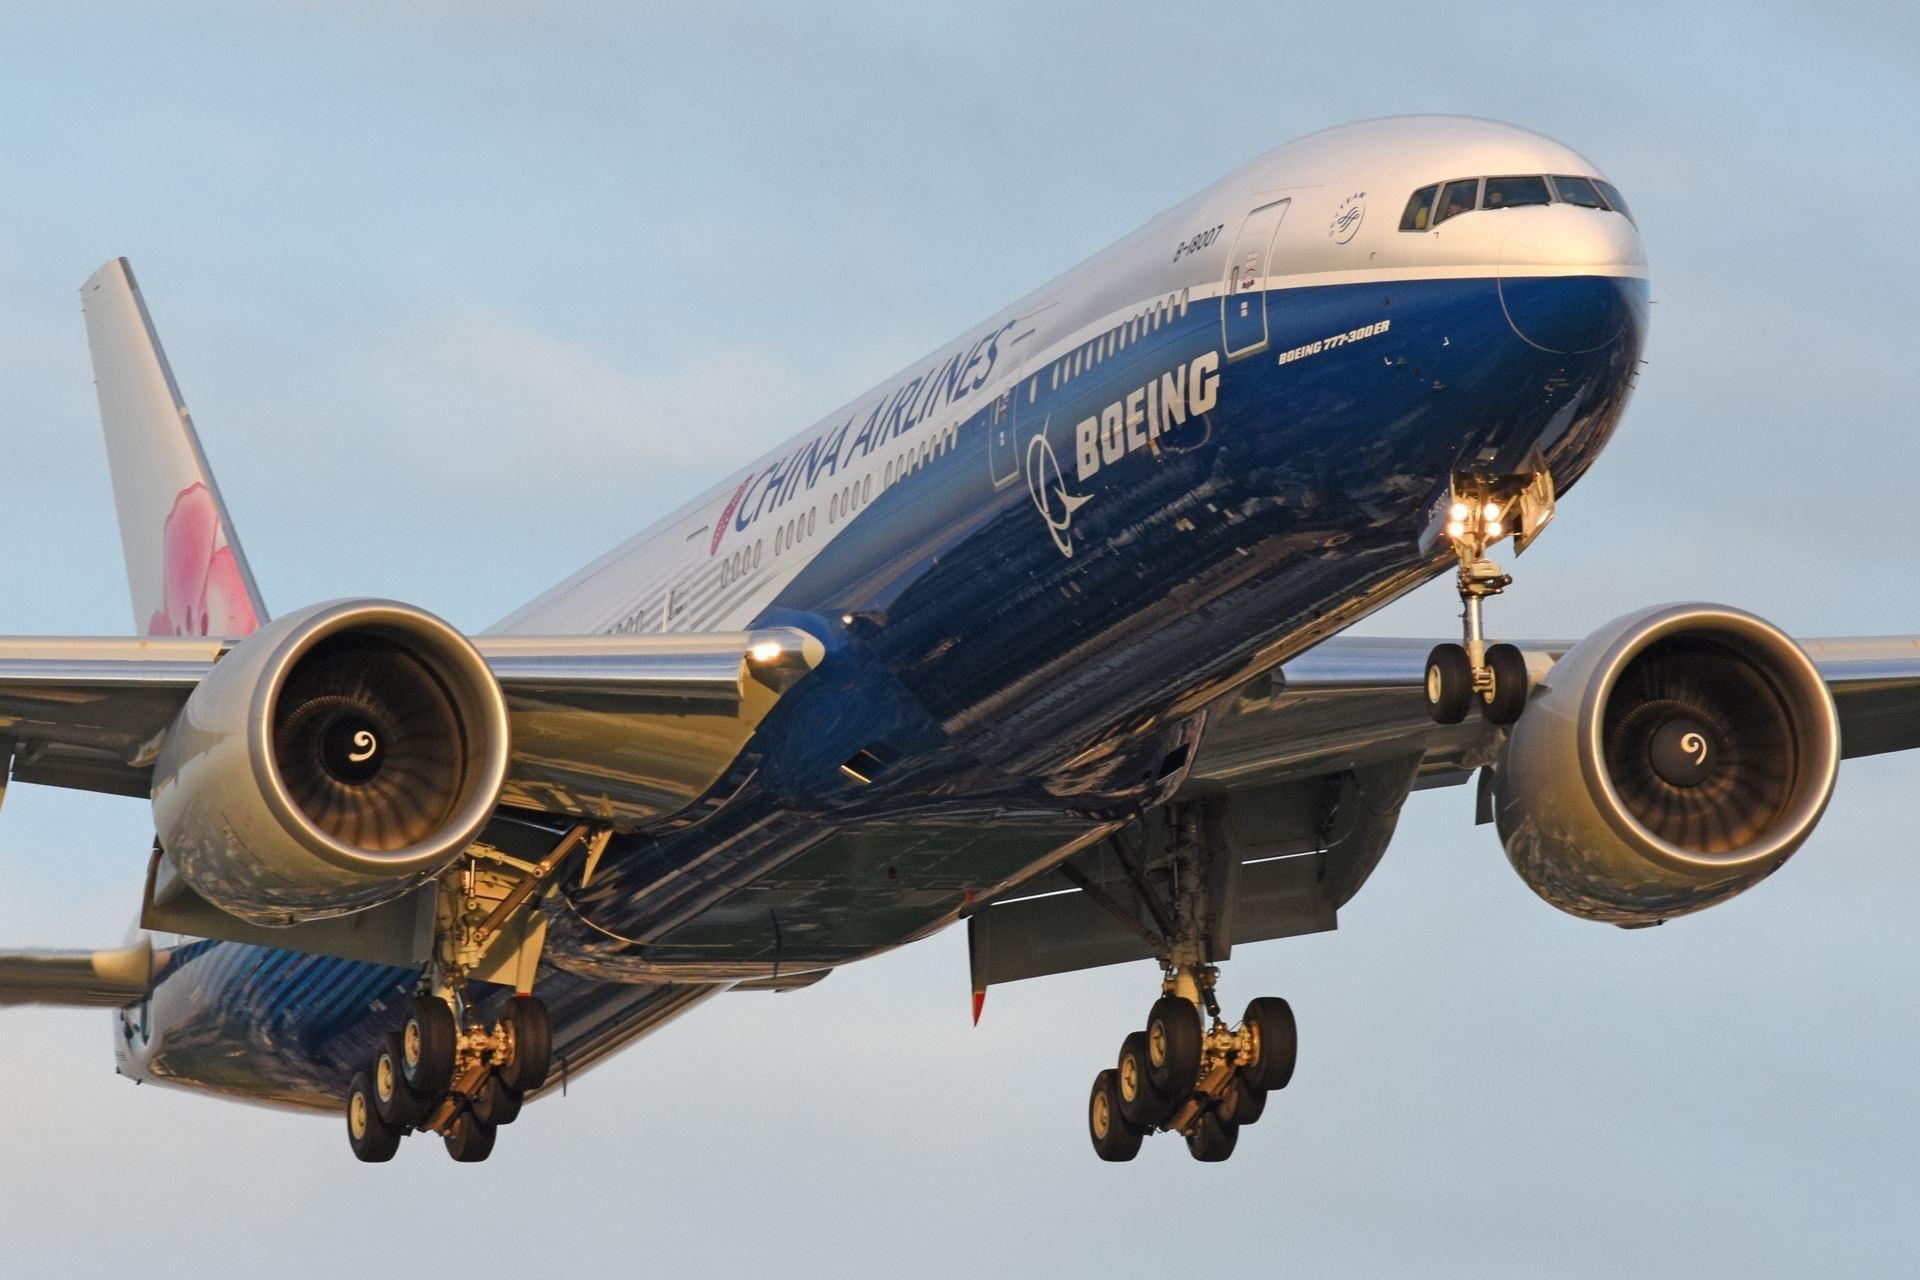 [原创]華航藍鯨,預計今天Ci-521 / 1 6 : 1 5 抵達廣州 BOEING 777-300ER B-18007 台北桃园国际机场